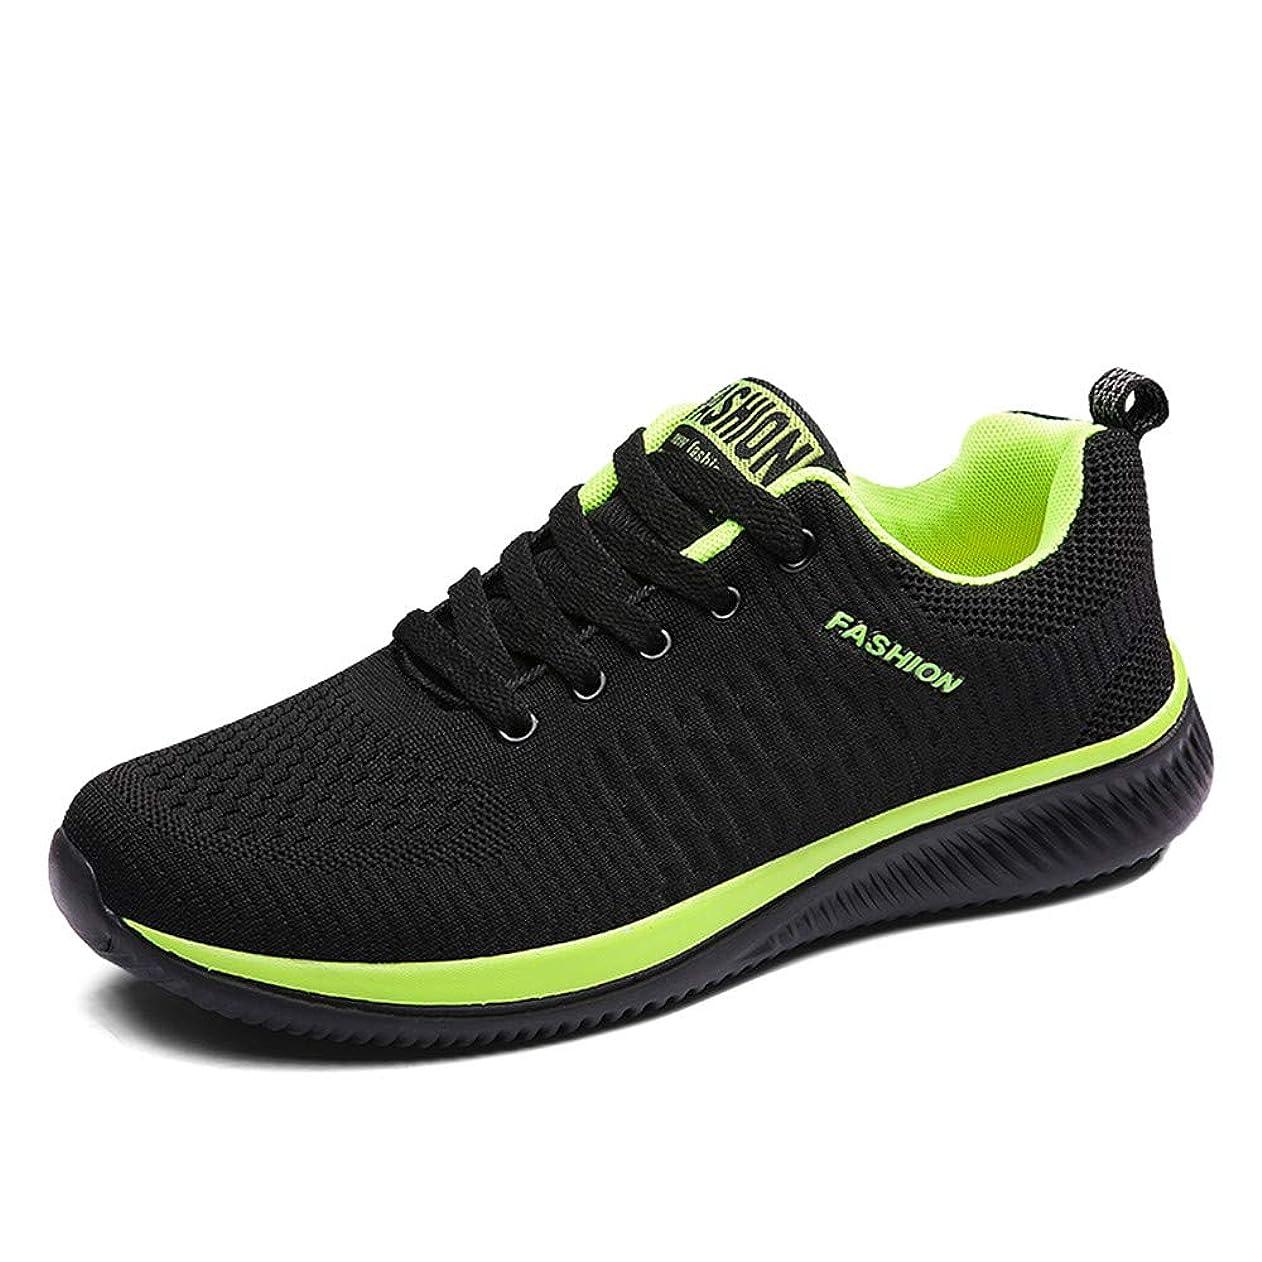 面白い延ばすレーニン主義[Gstodio] ランニングシューズ ウォーキングシューズ スニーカー メンズ レディース ジム トレーニング スポーツシューズ 運動靴 軽量 通気 黒 ブラック 3色